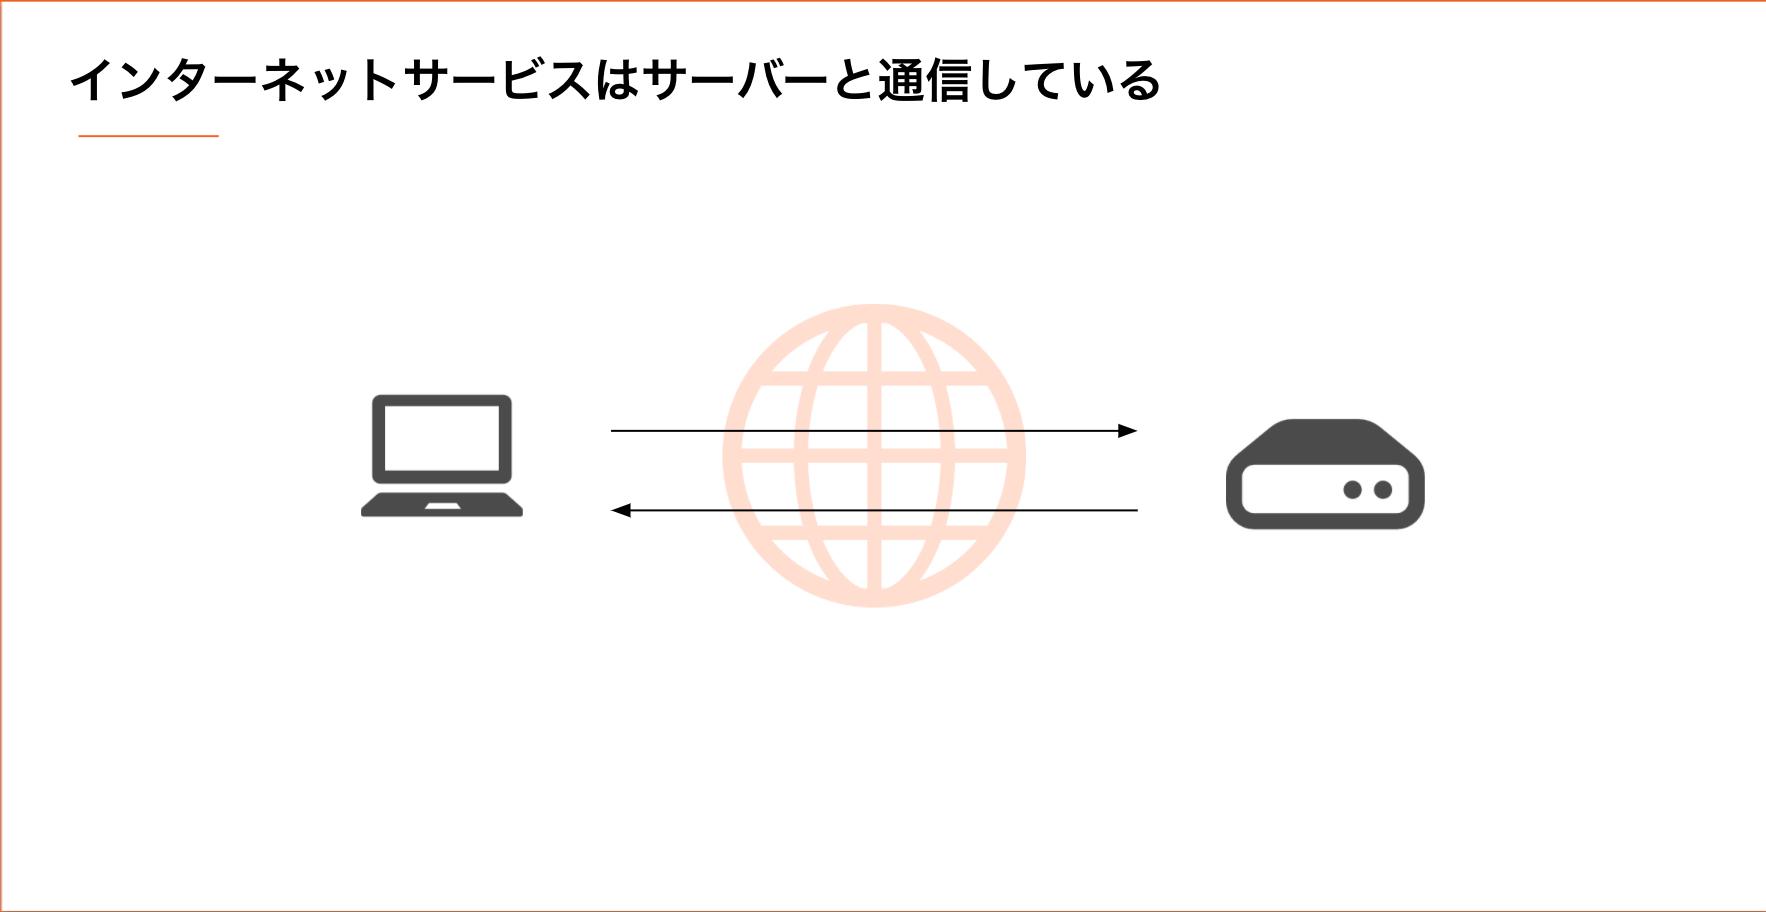 インターネットの説明図